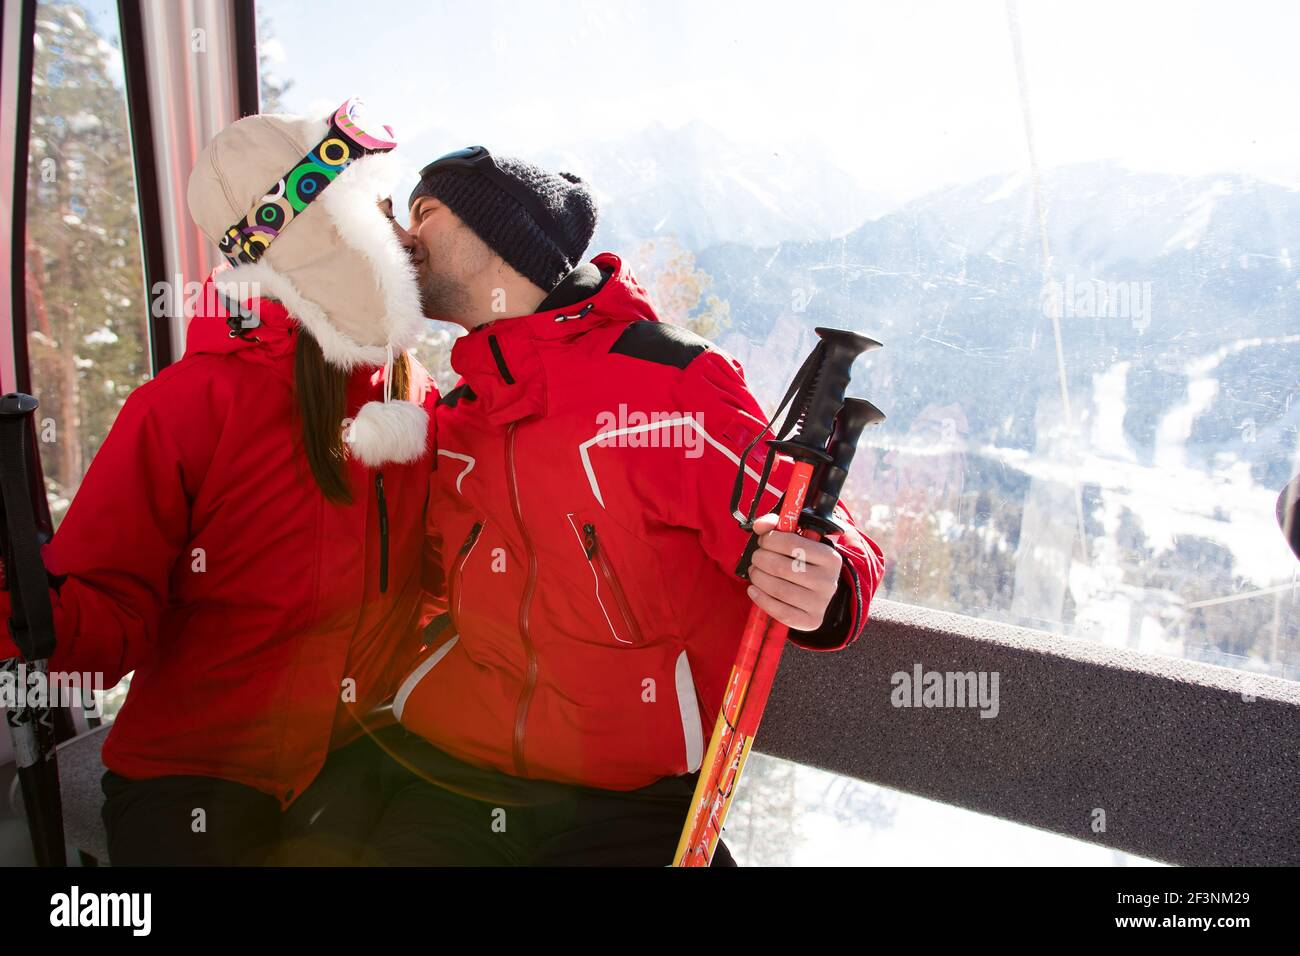 amigos alegres en el telesilla se monten en la montaña nevada Foto de stock